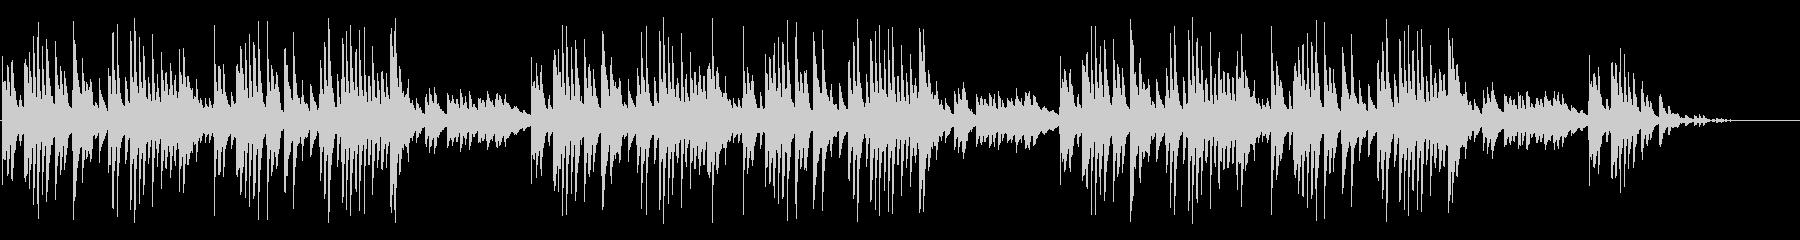 童謡「赤とんぼ」シンプルな琴のアレンジの未再生の波形